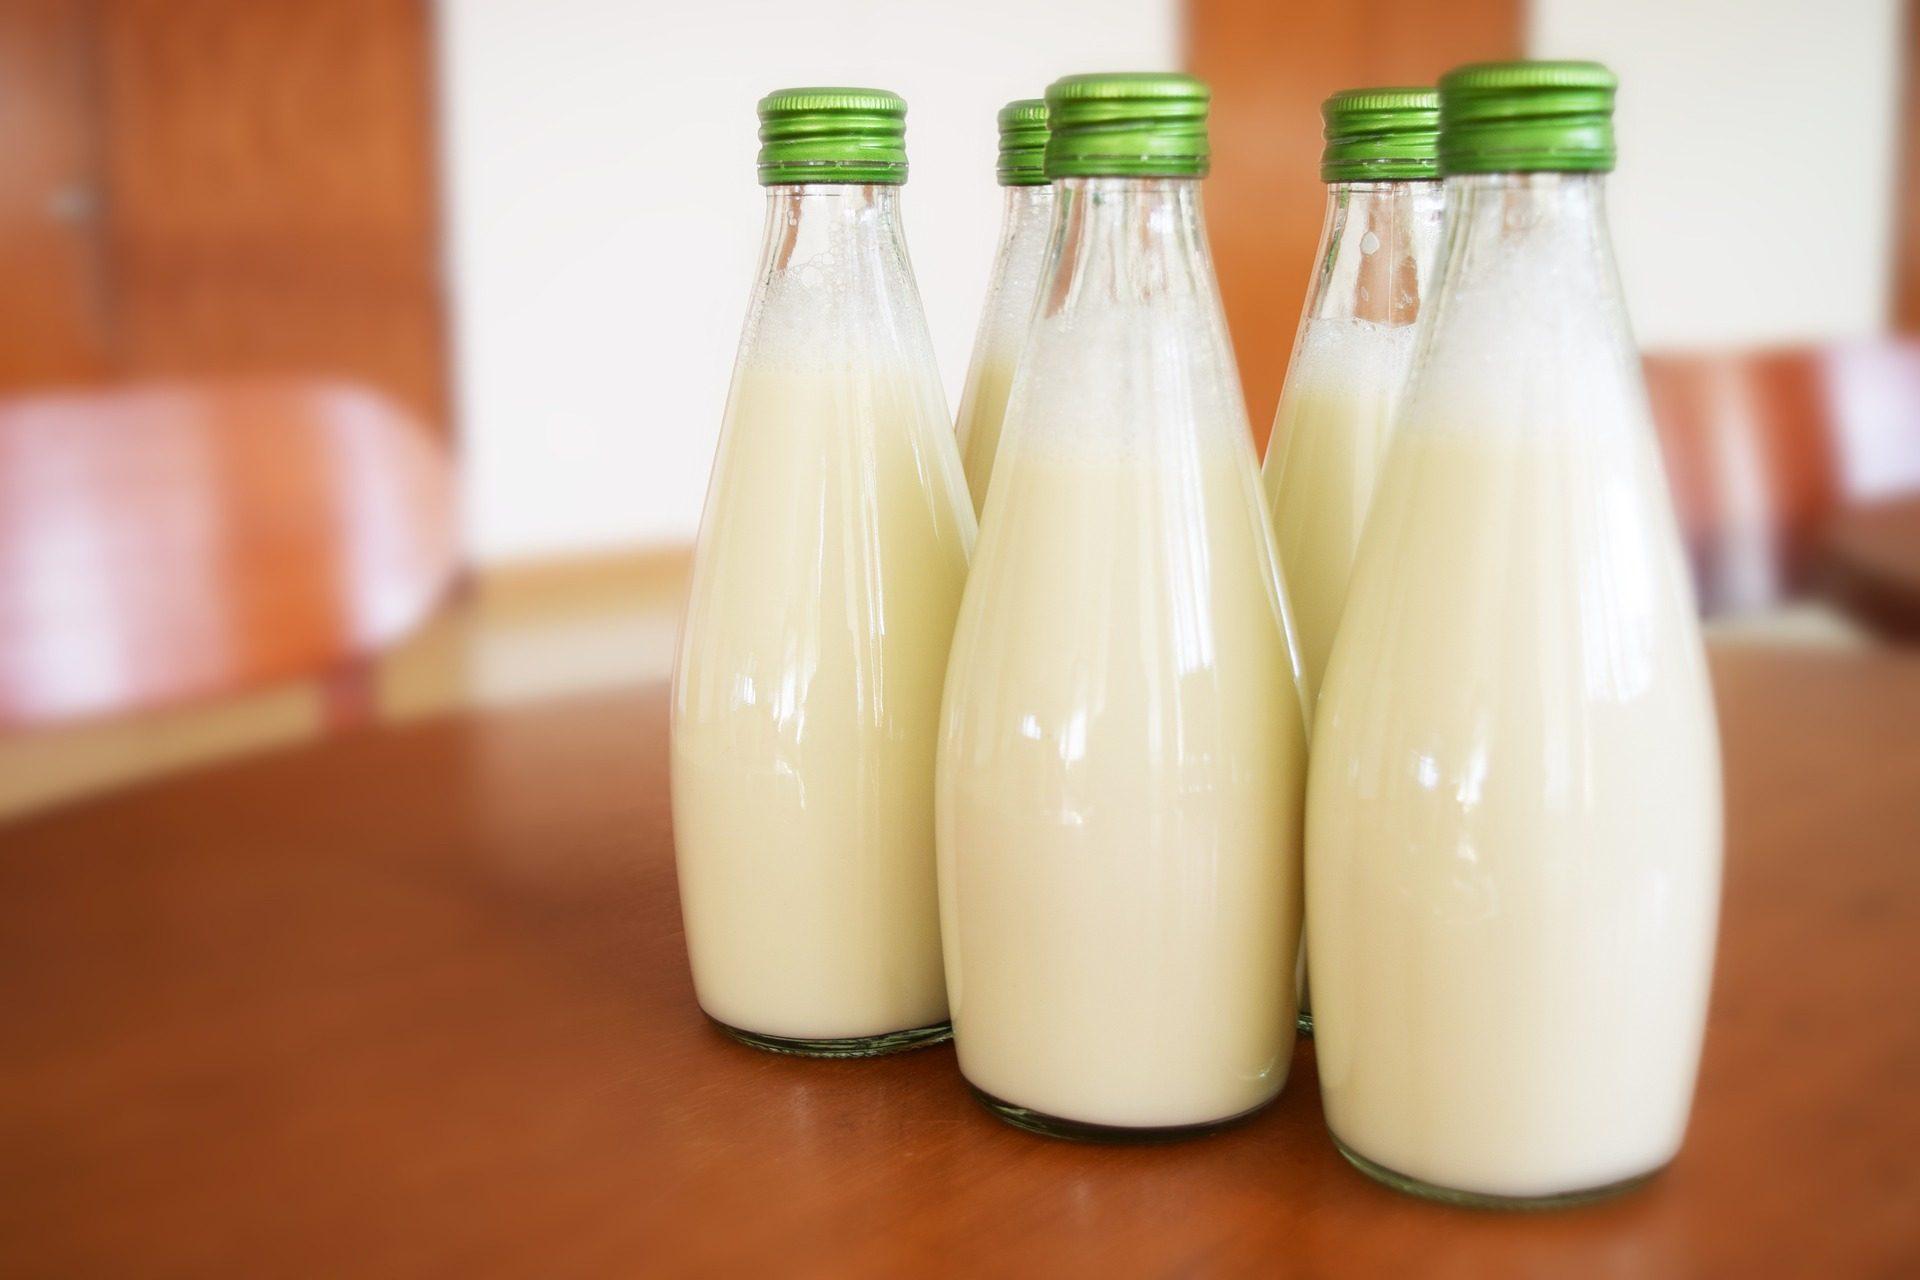 молоко, бутылки, Кристалл, вилки, здоровые - Обои HD - Профессор falken.com